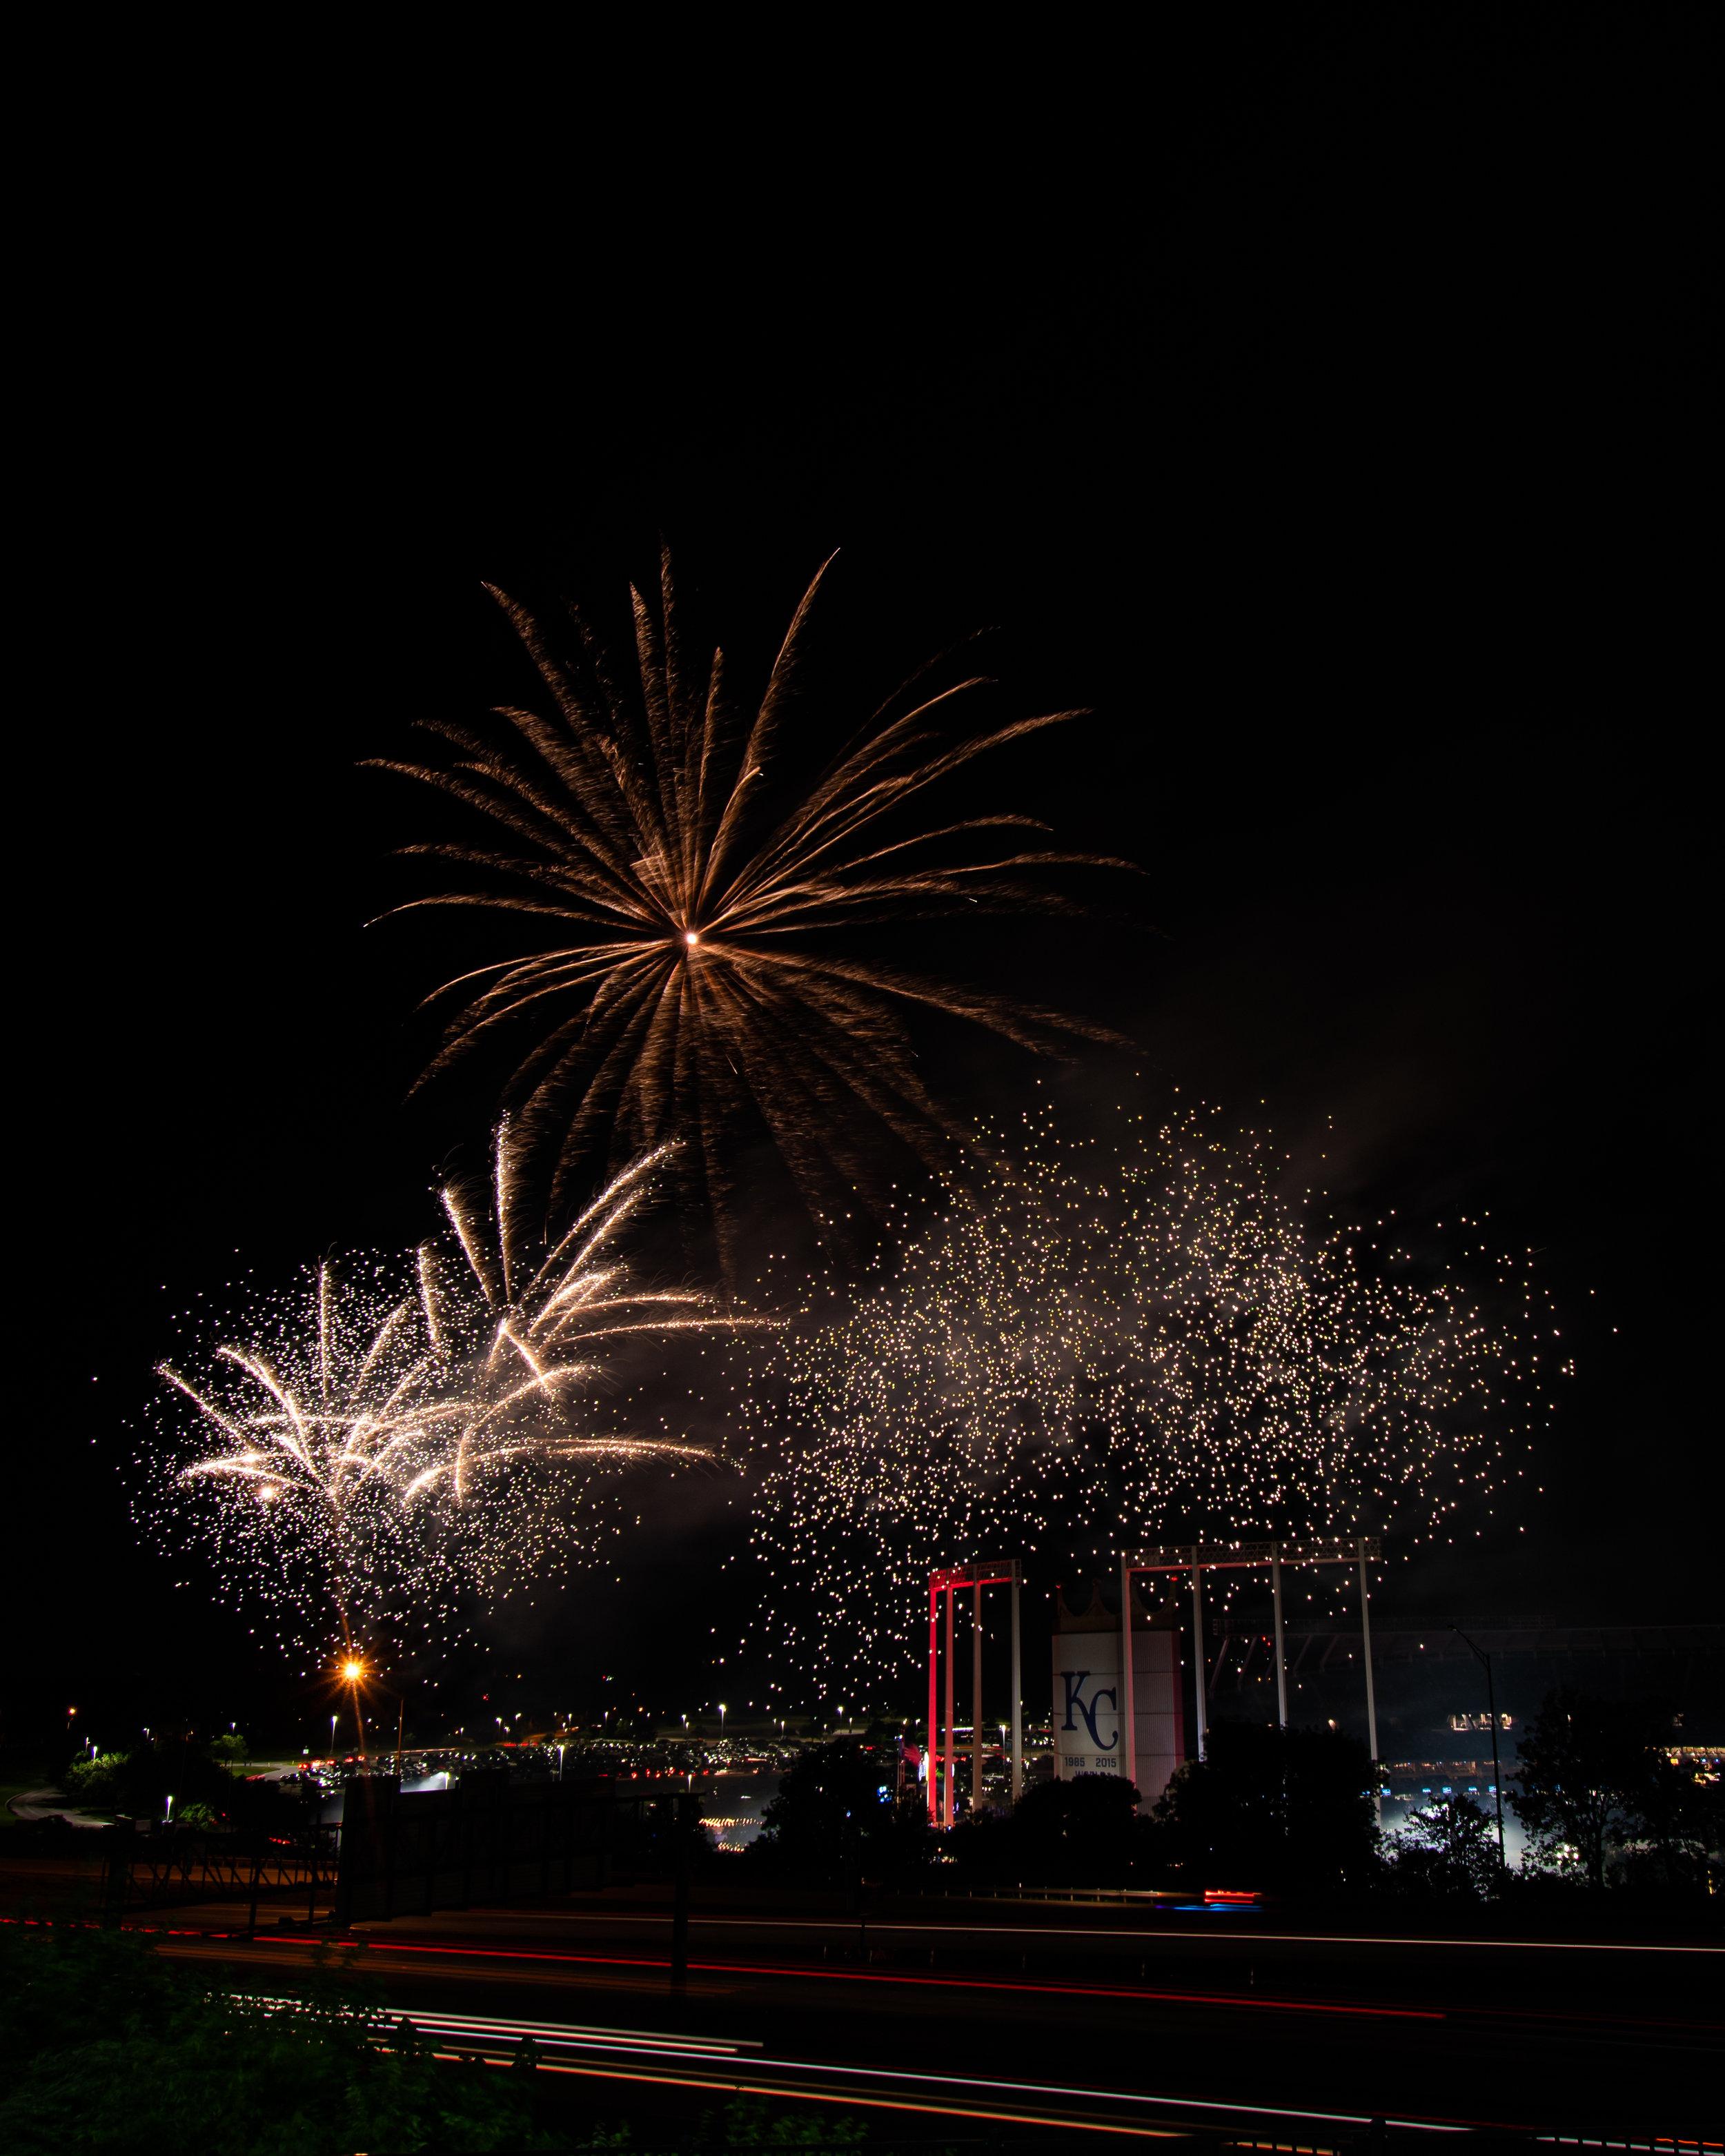 firework-friday-38-of-51_48108321533_o.jpg